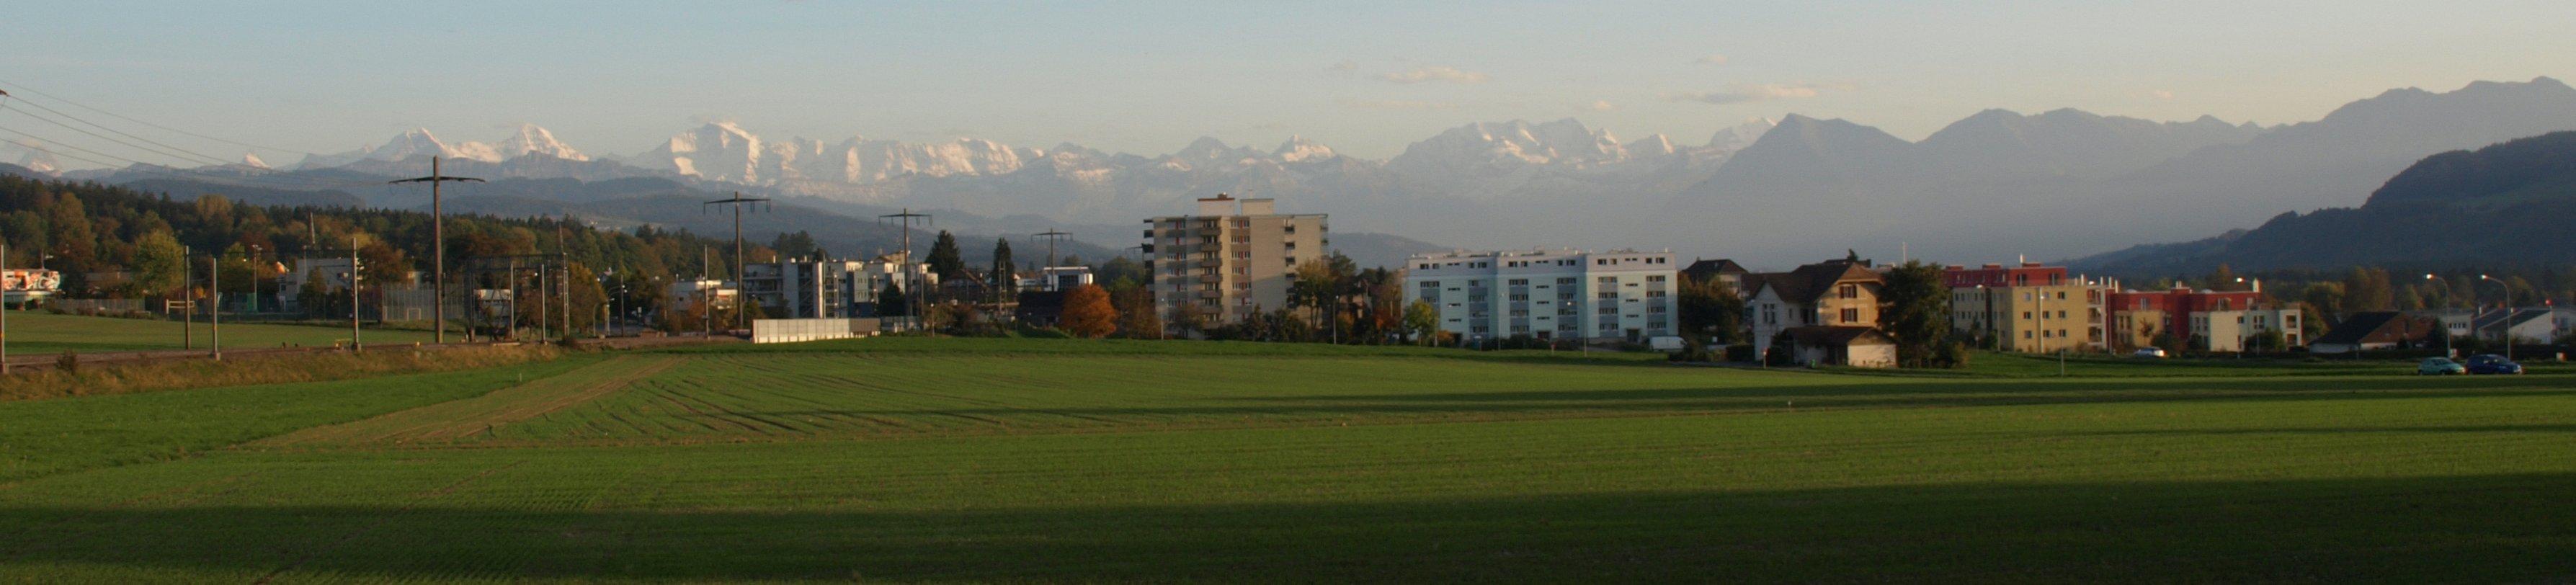 Gemeindeverwaltung Rubigen